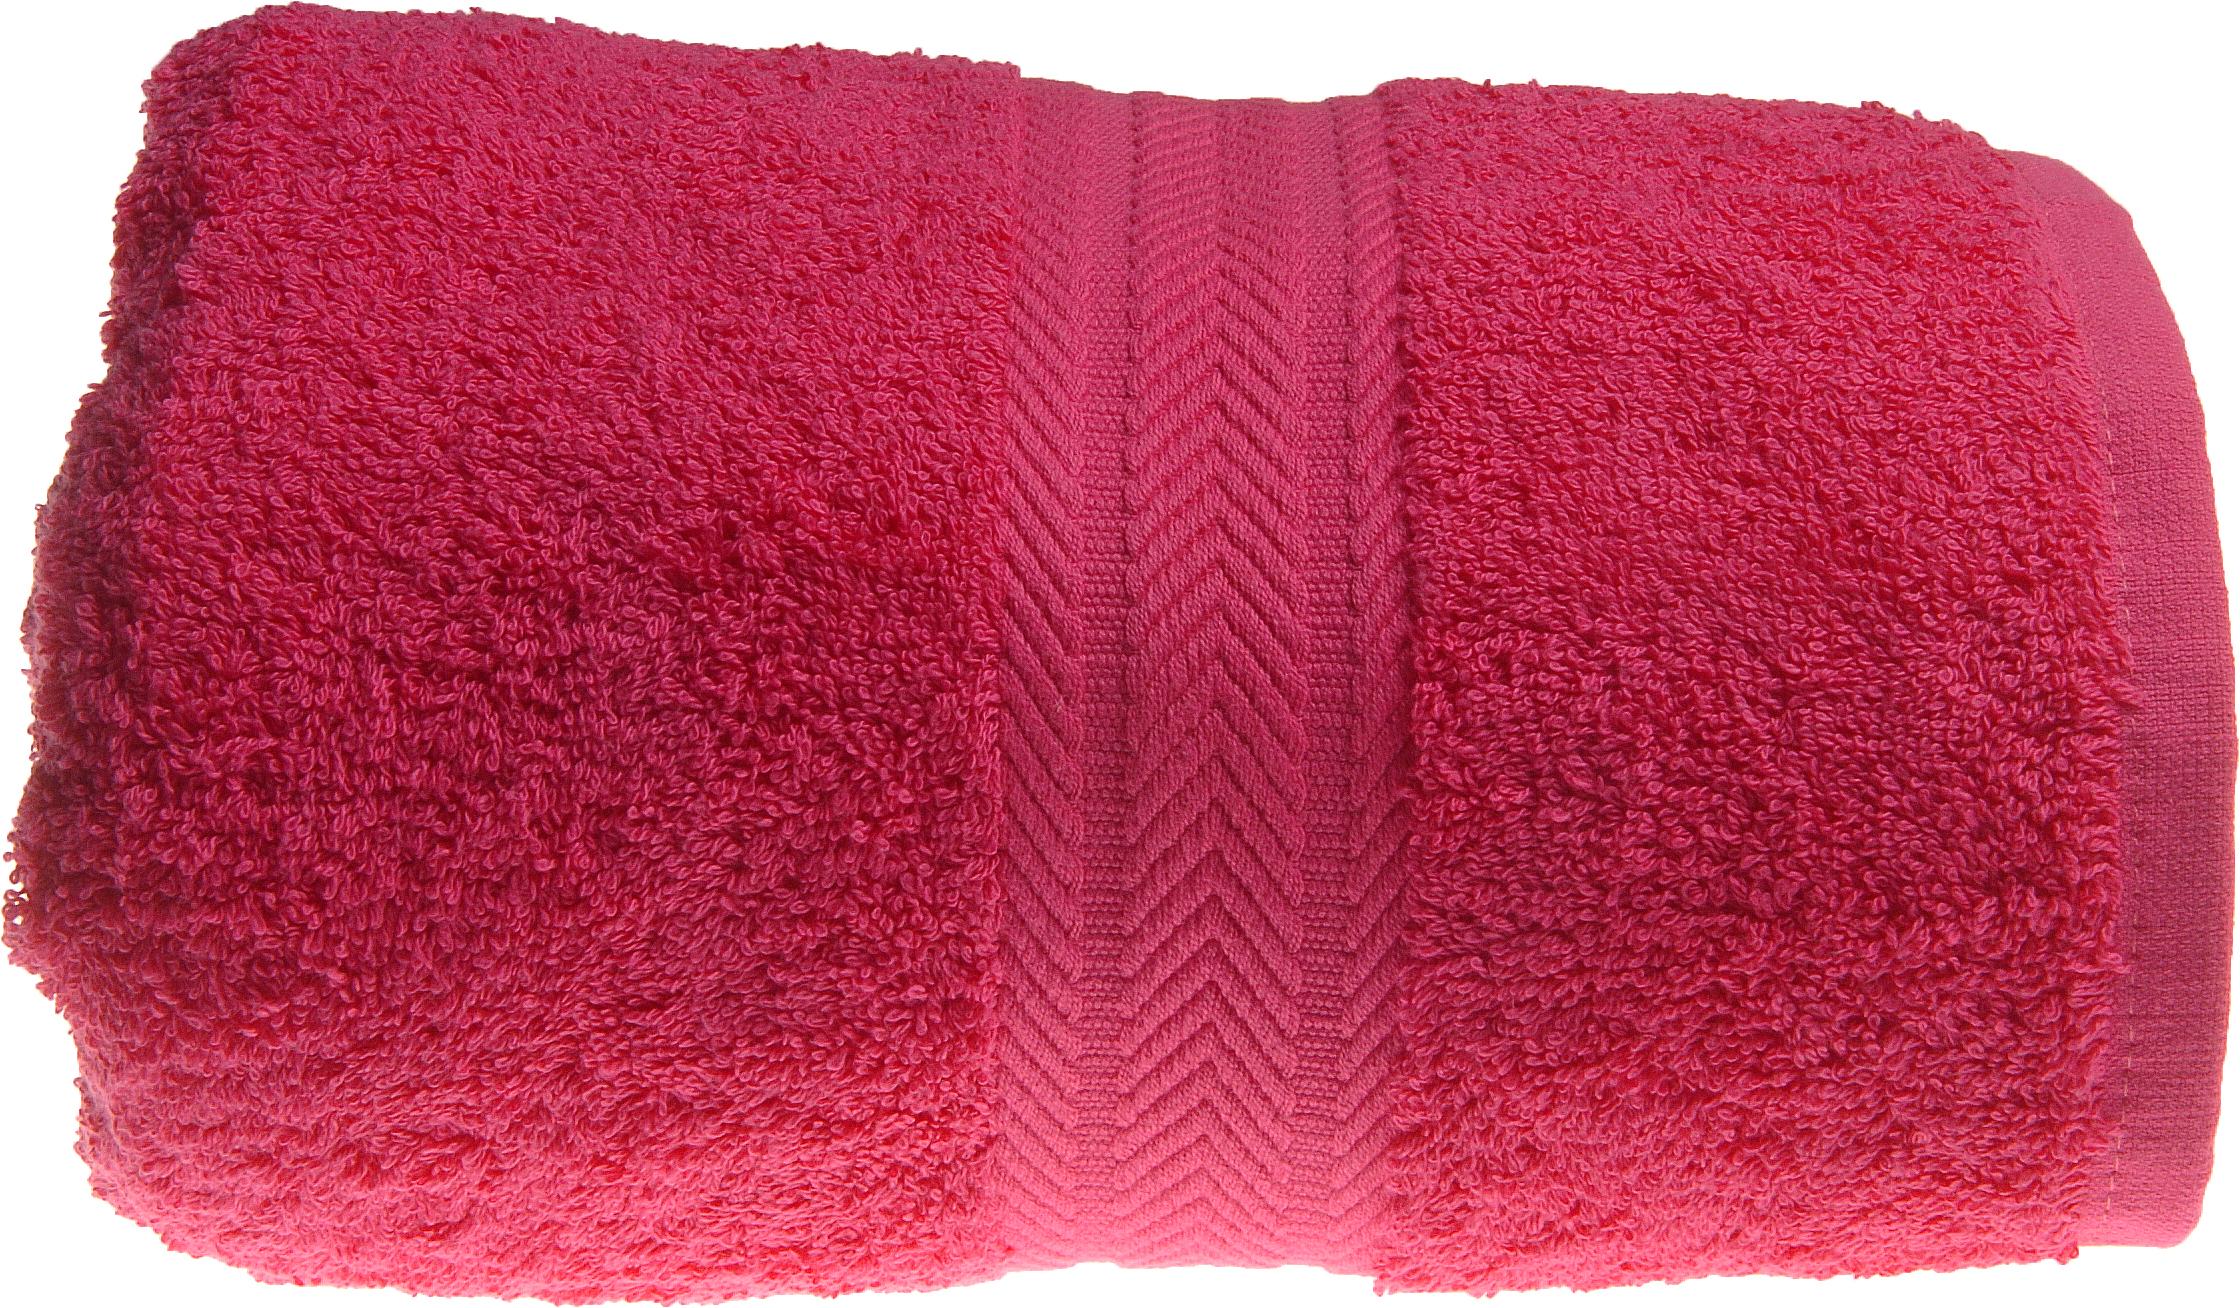 Serviette de toilette 50 x 100 cm en Coton couleur Rose indien (Rose Indien)